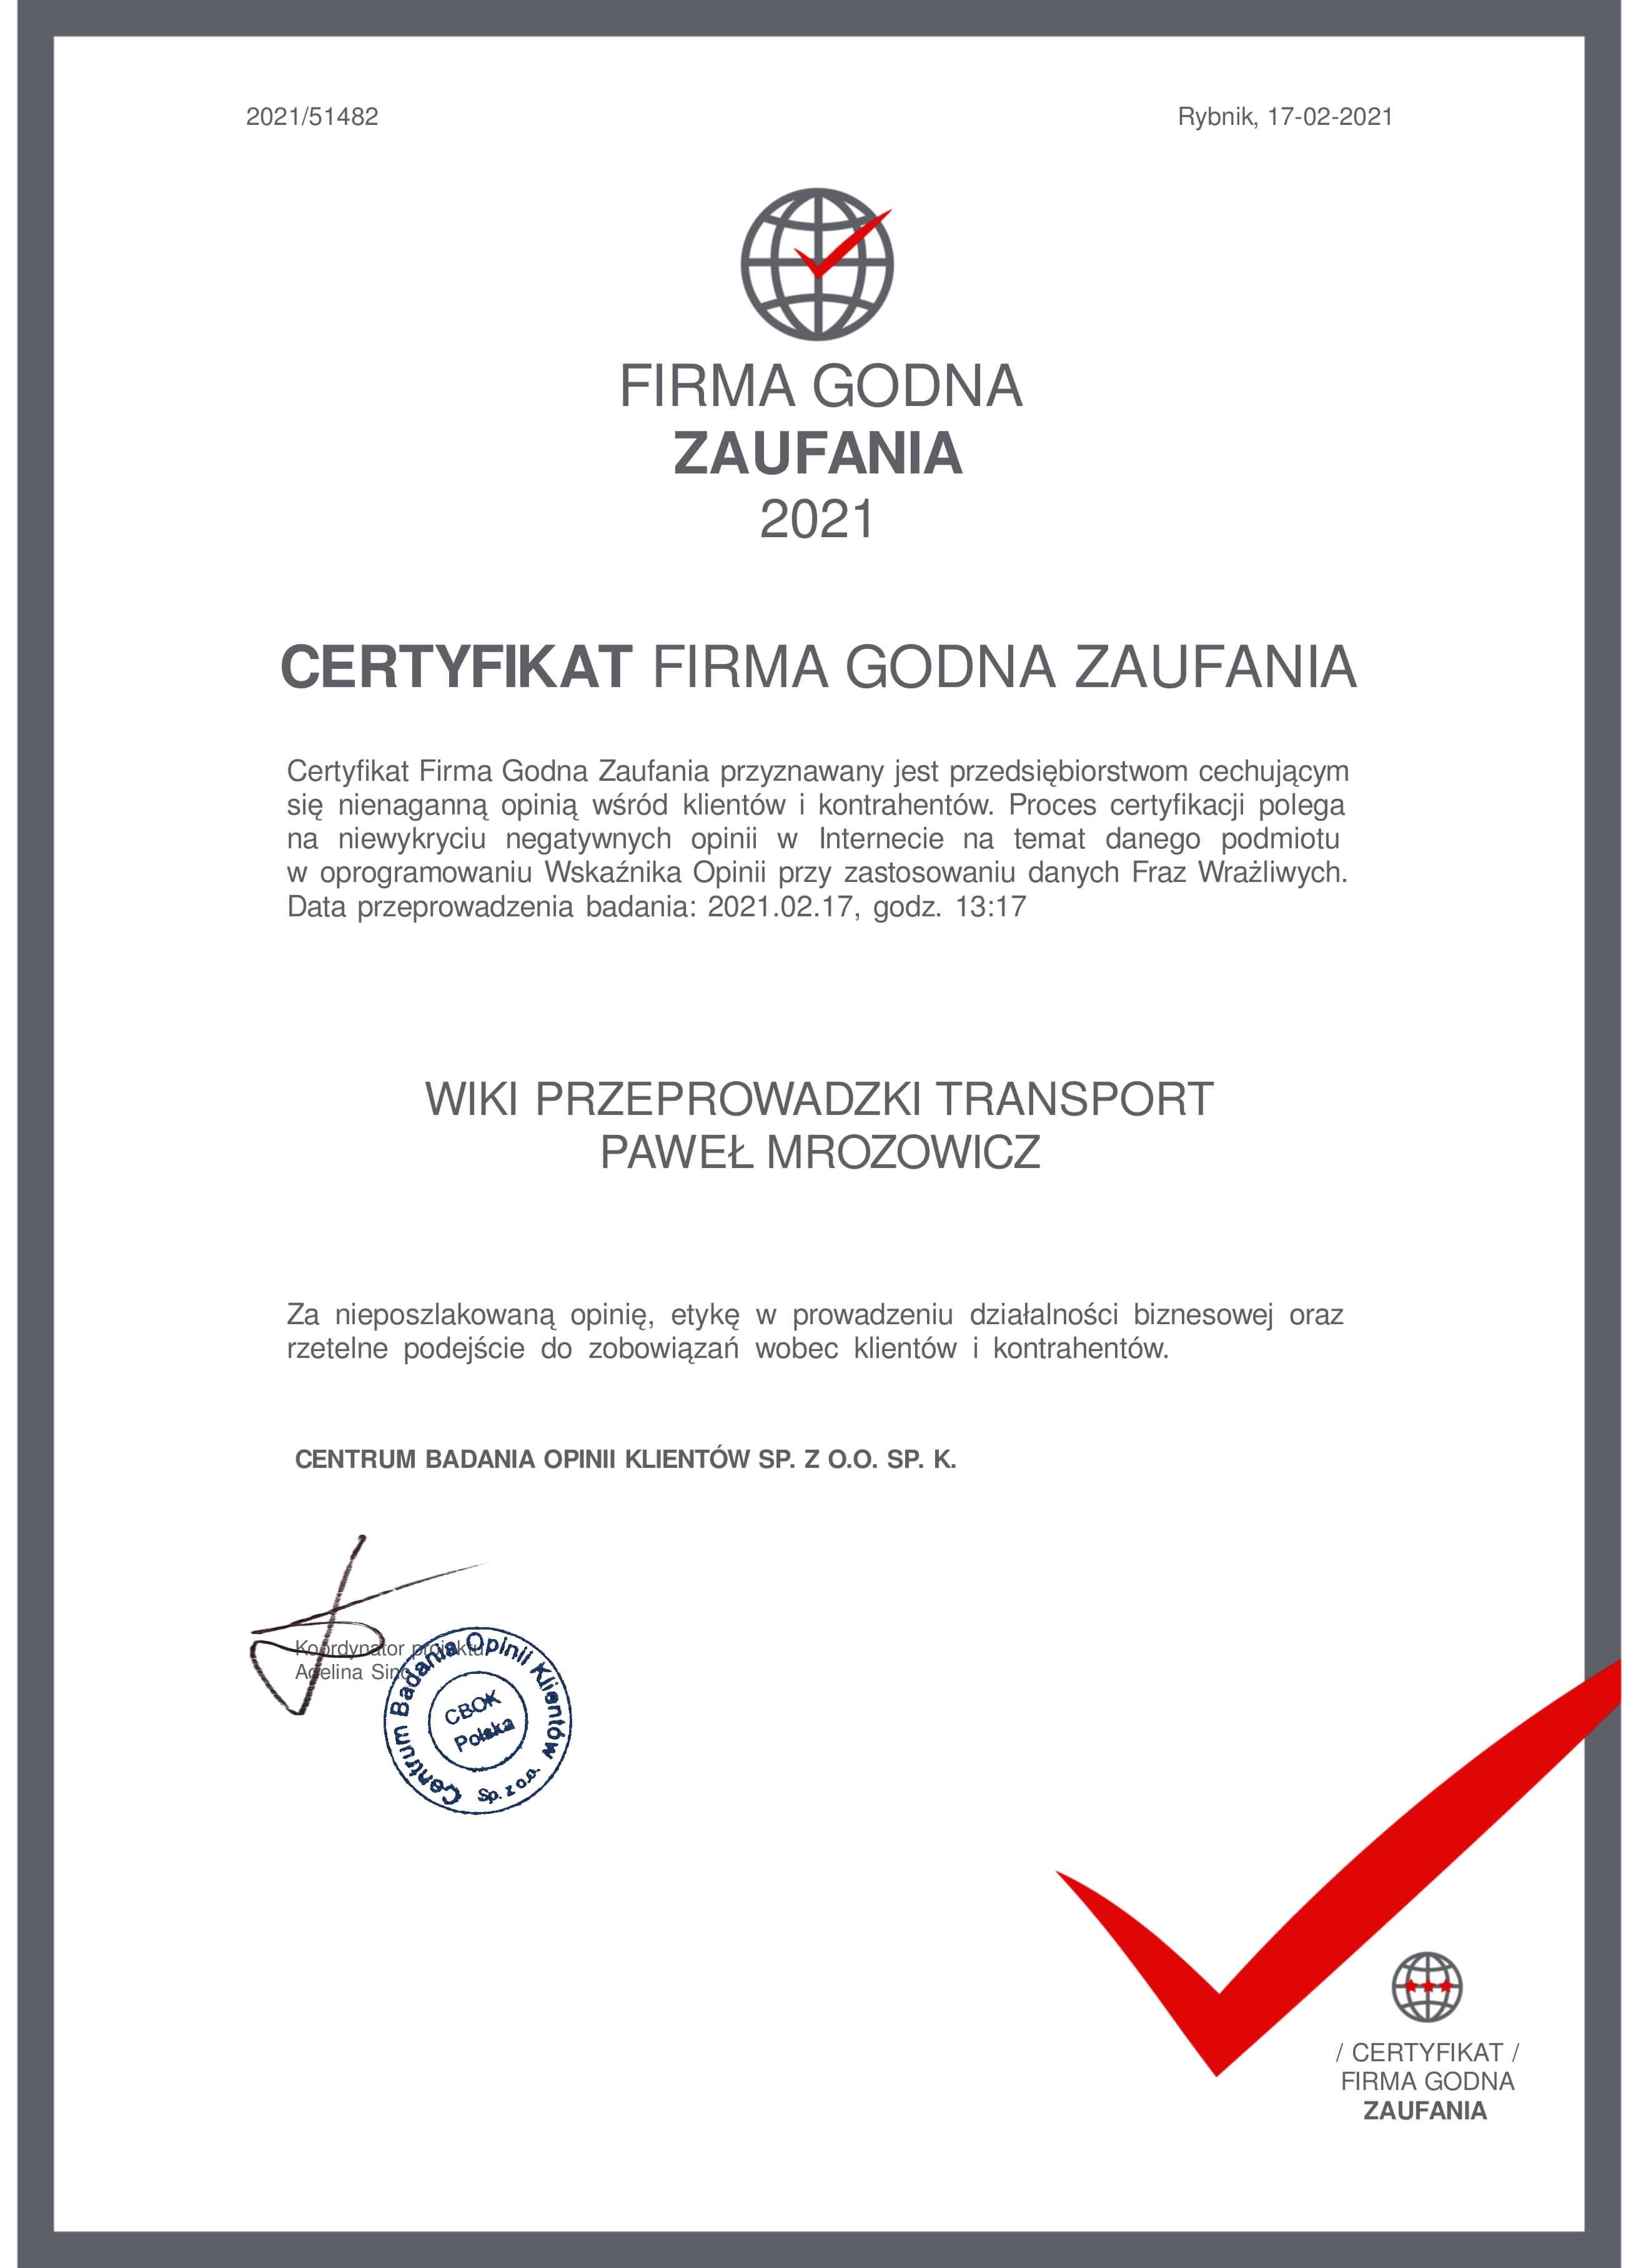 Firma przeprowadzkowa WIKI - certyfikat godności zaufania